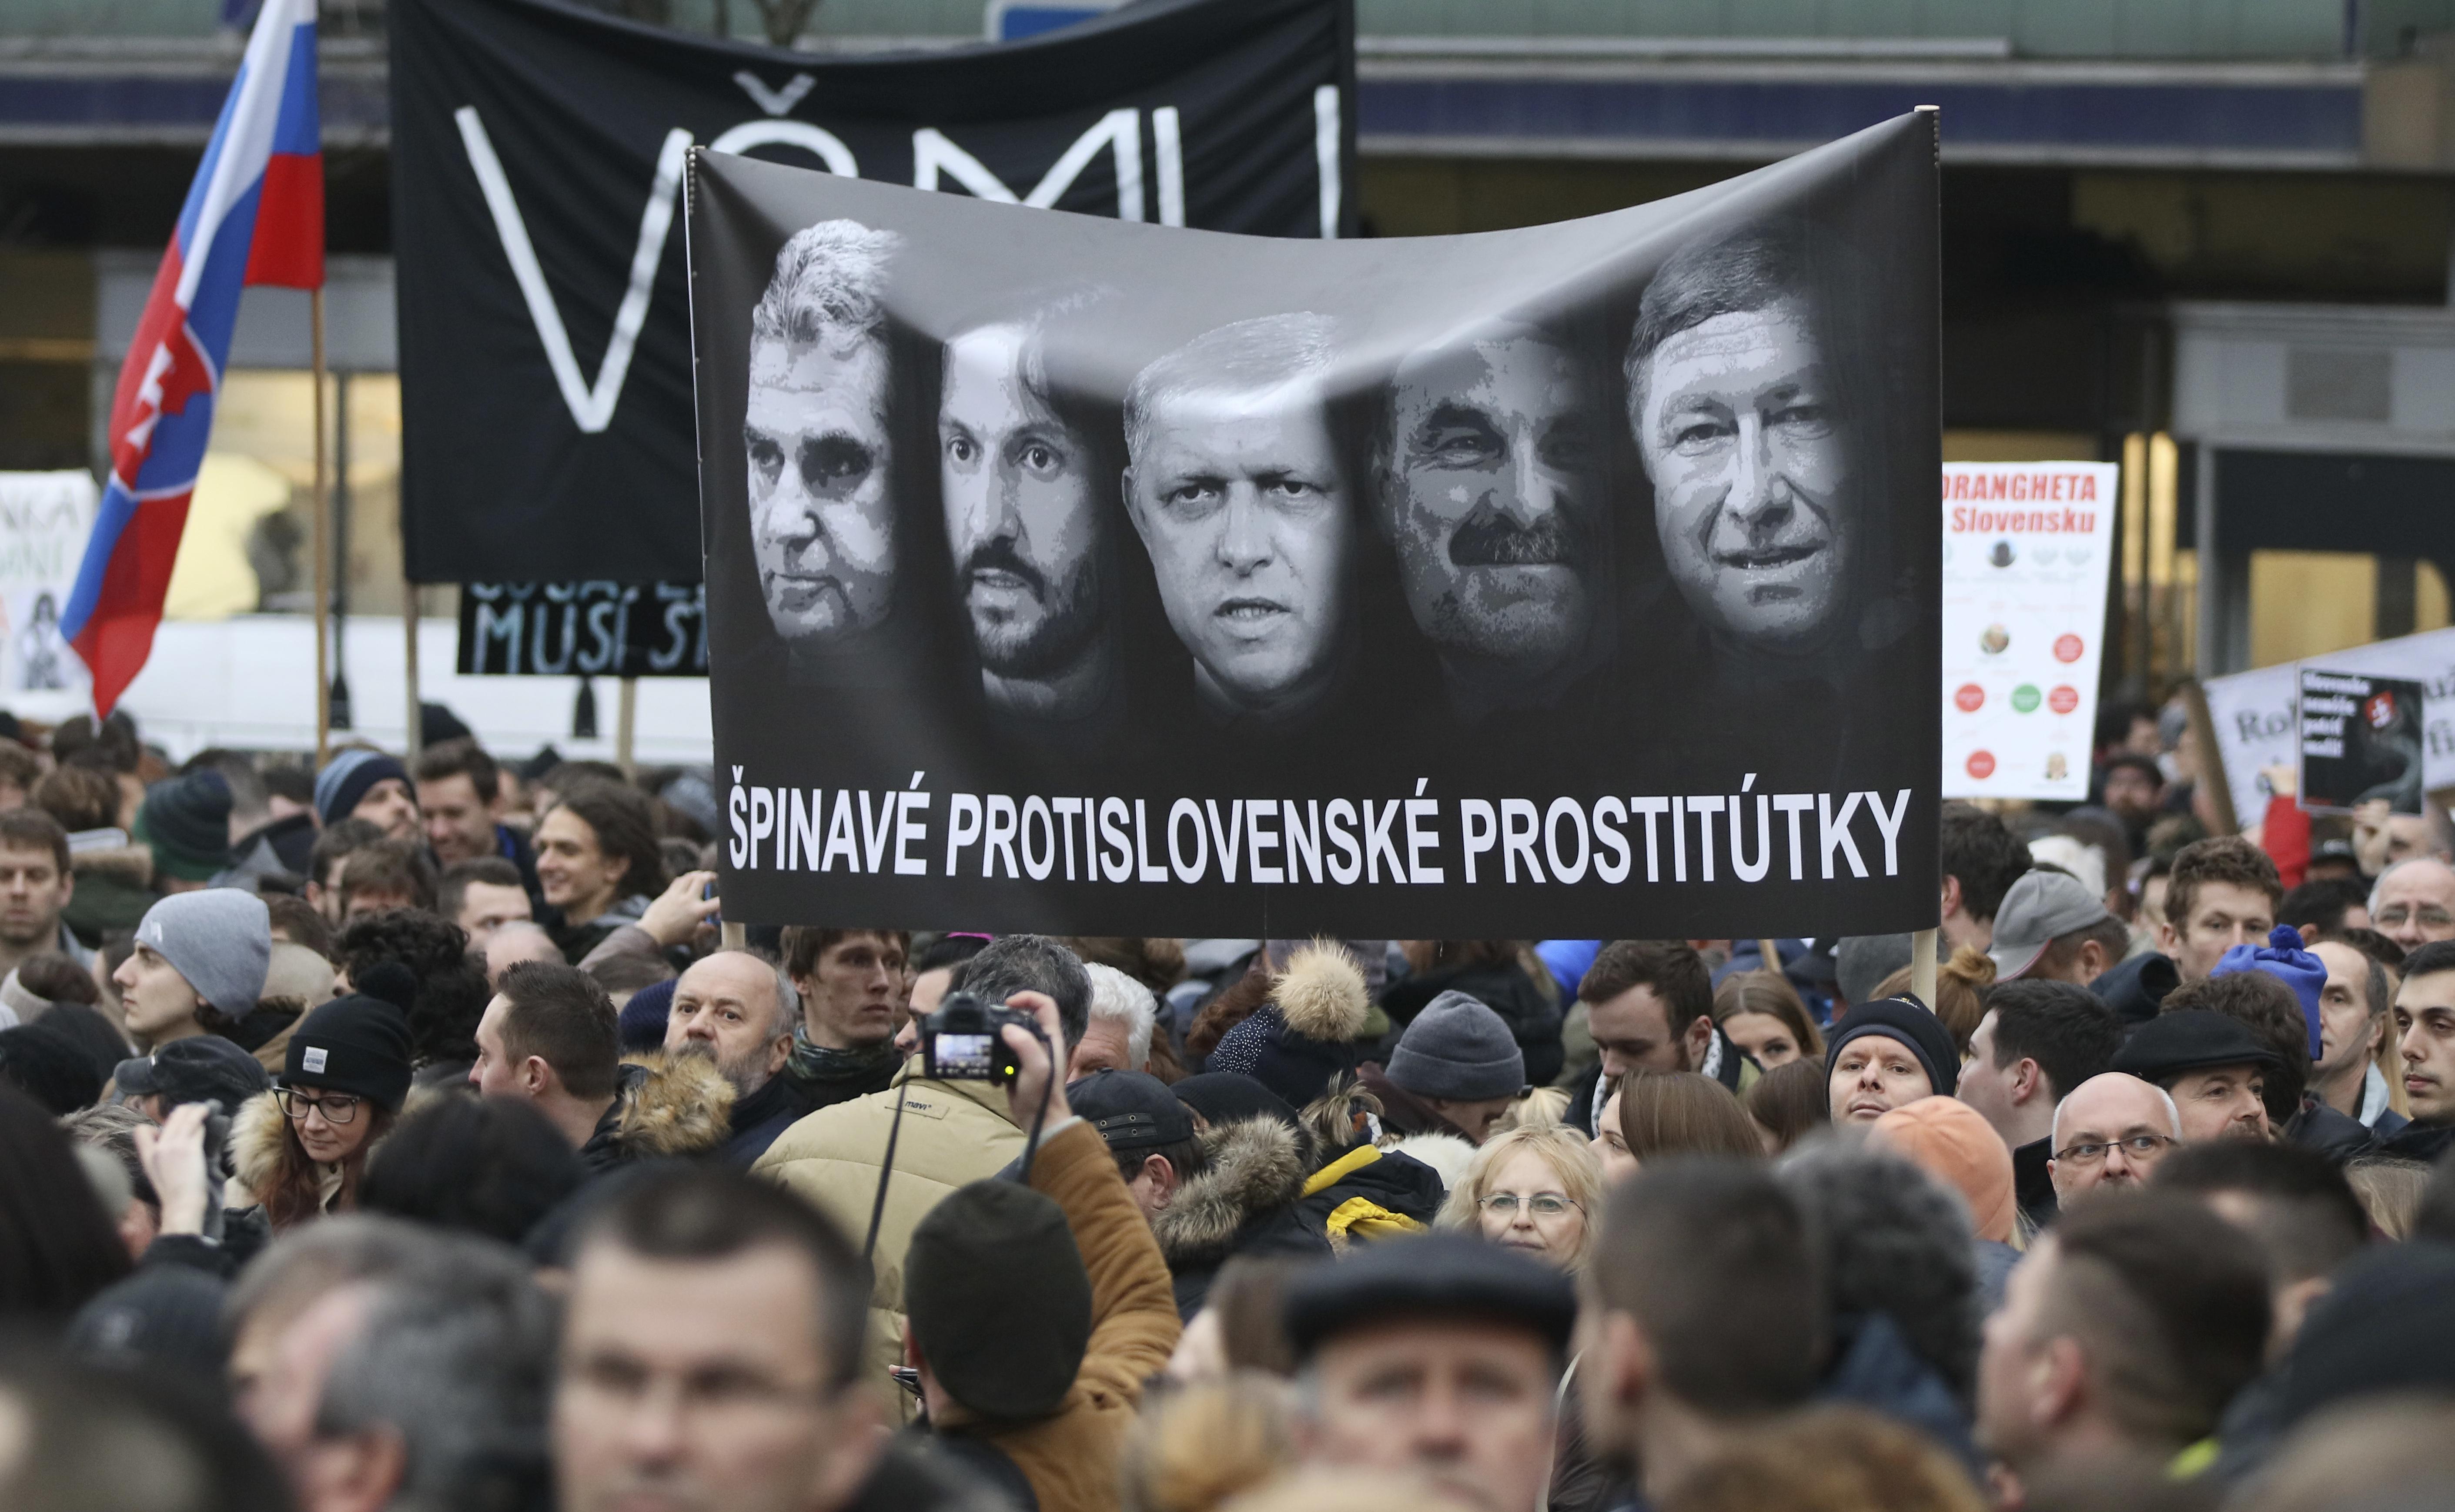 Словакия - от стабилност към хаос след смъртта на журналист